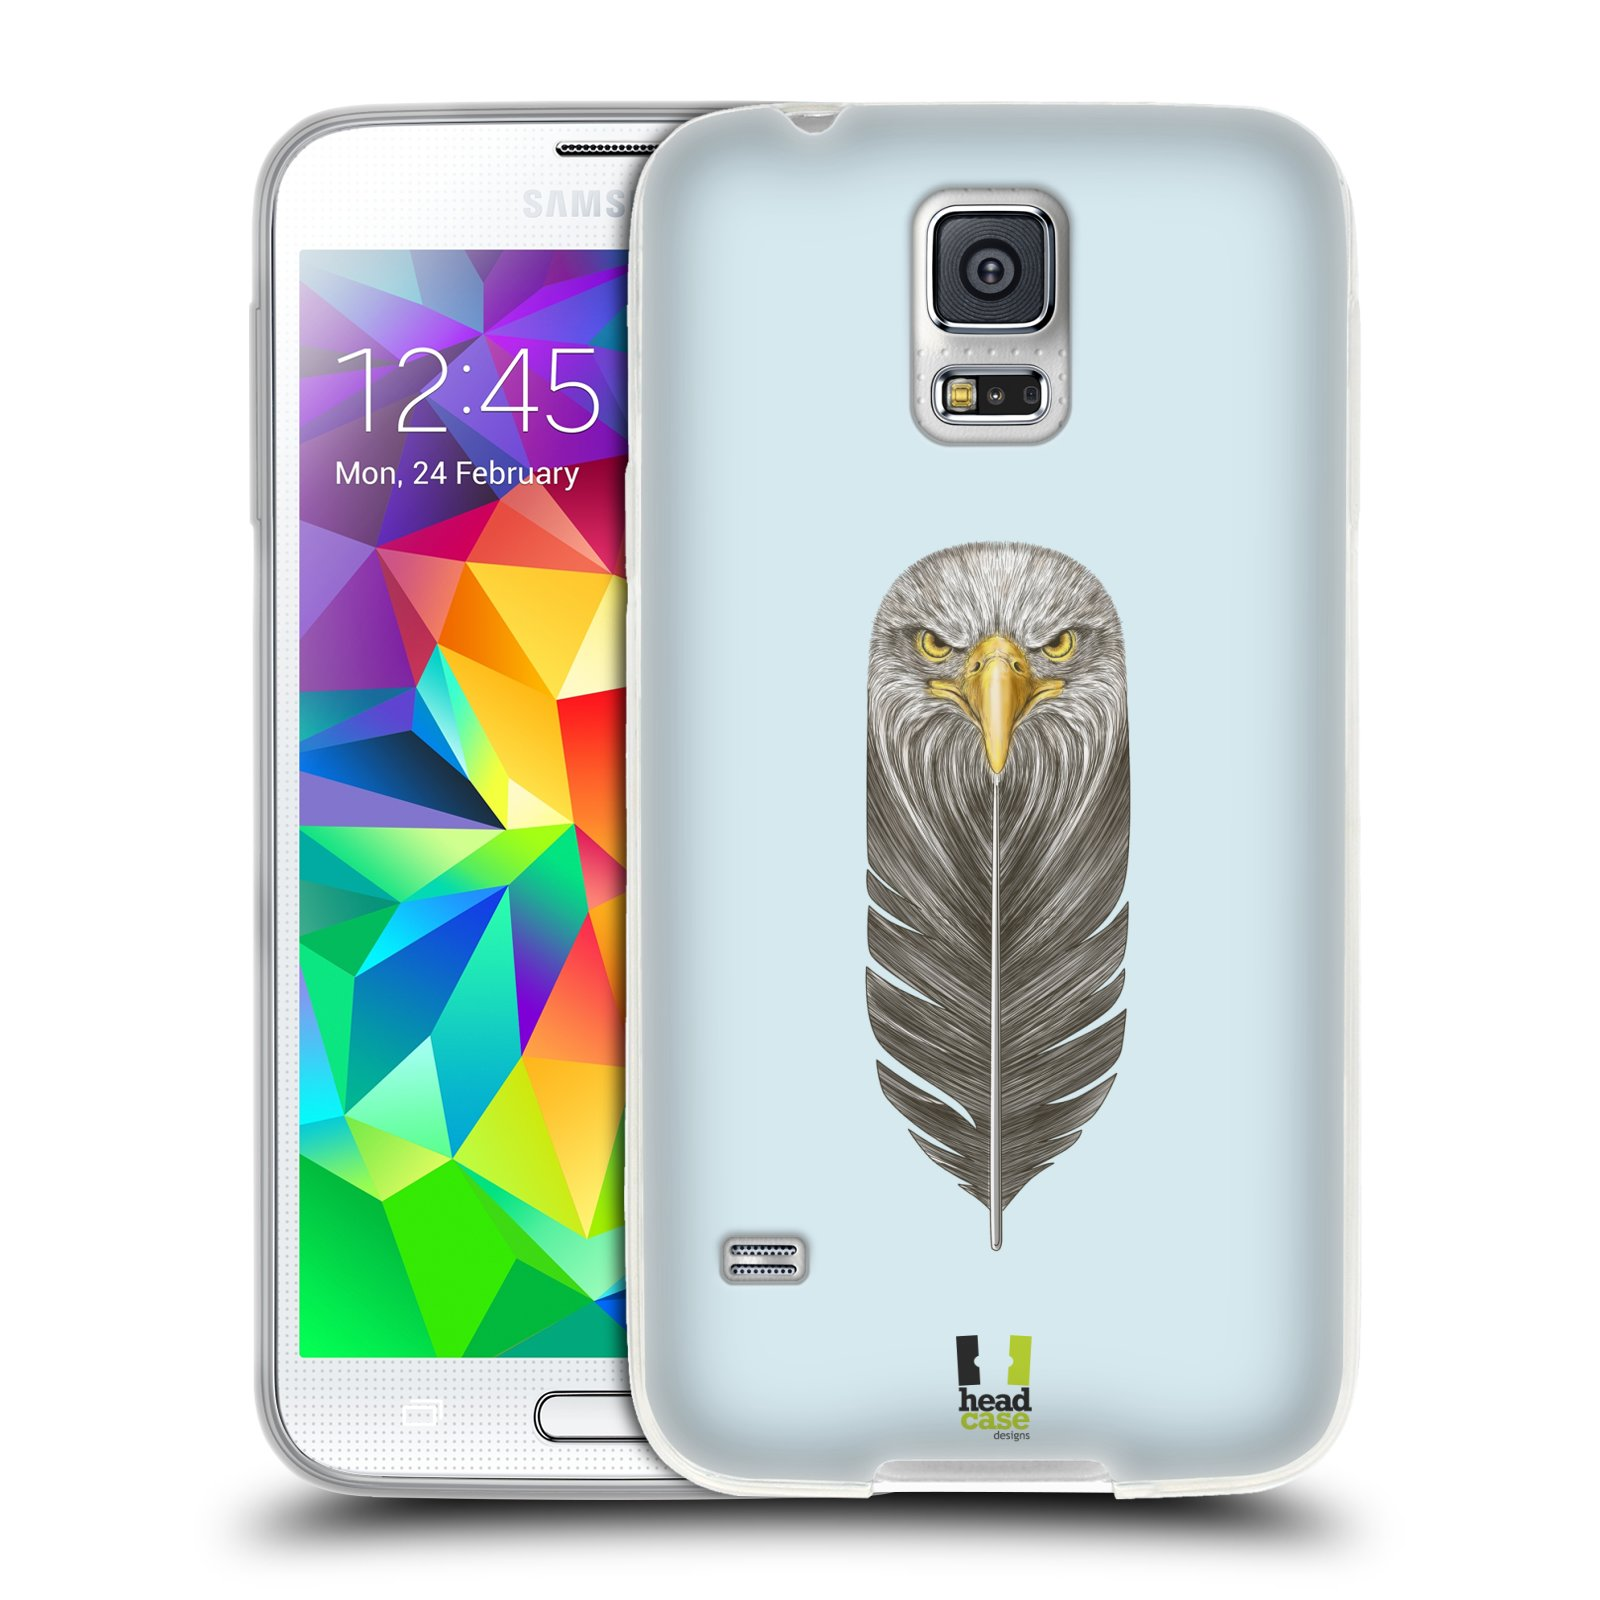 Silikonové pouzdro na mobil Samsung Galaxy S5 HEAD CASE PÍRKO OREL (Silikonový kryt či obal na mobilní telefon Samsung Galaxy S5 SM-G900F)